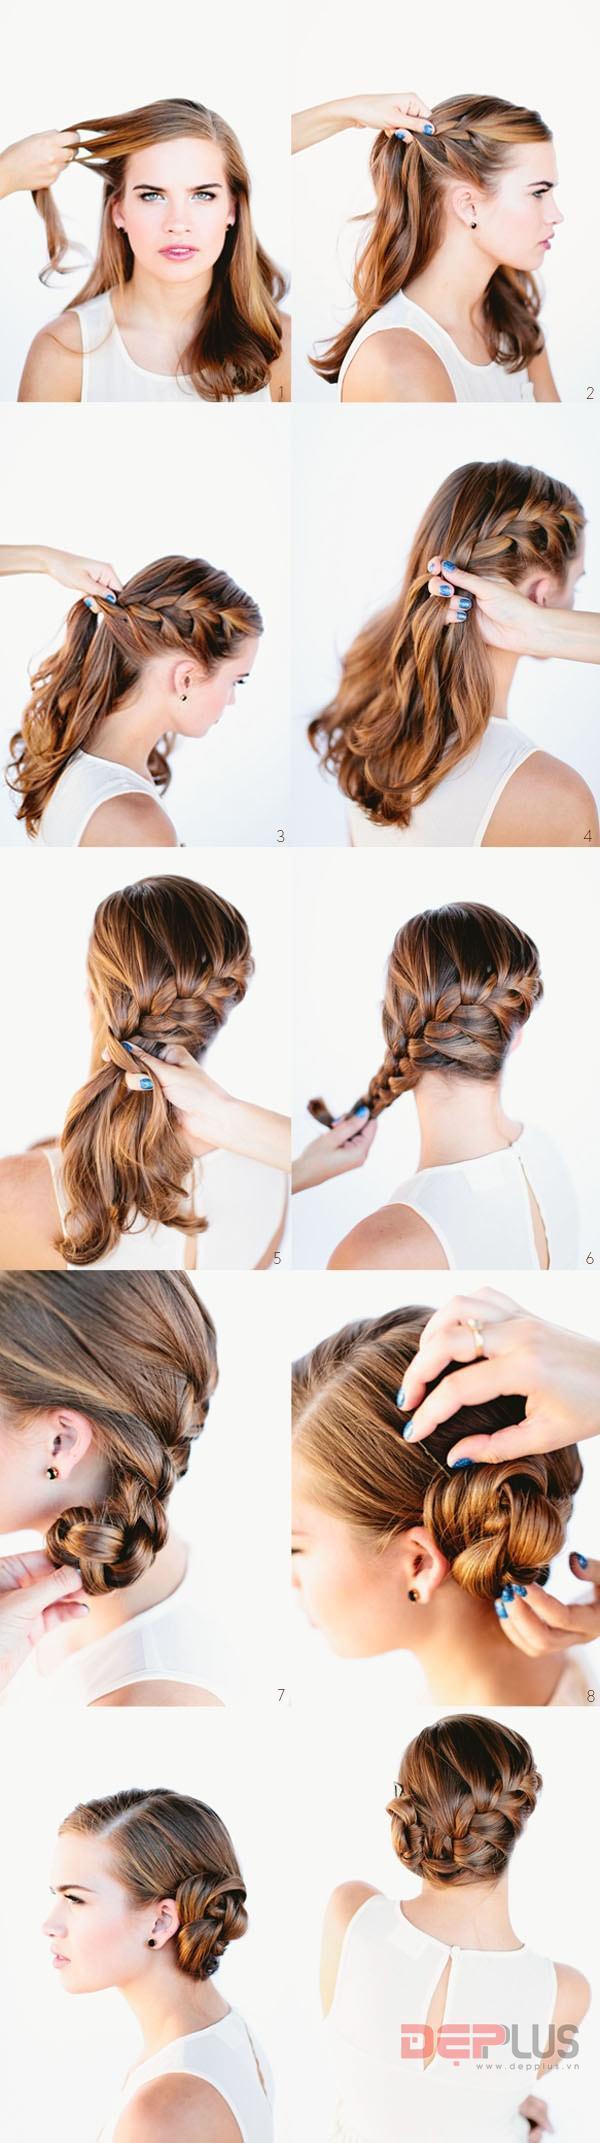 Các kiểu tóc cao cho nữ